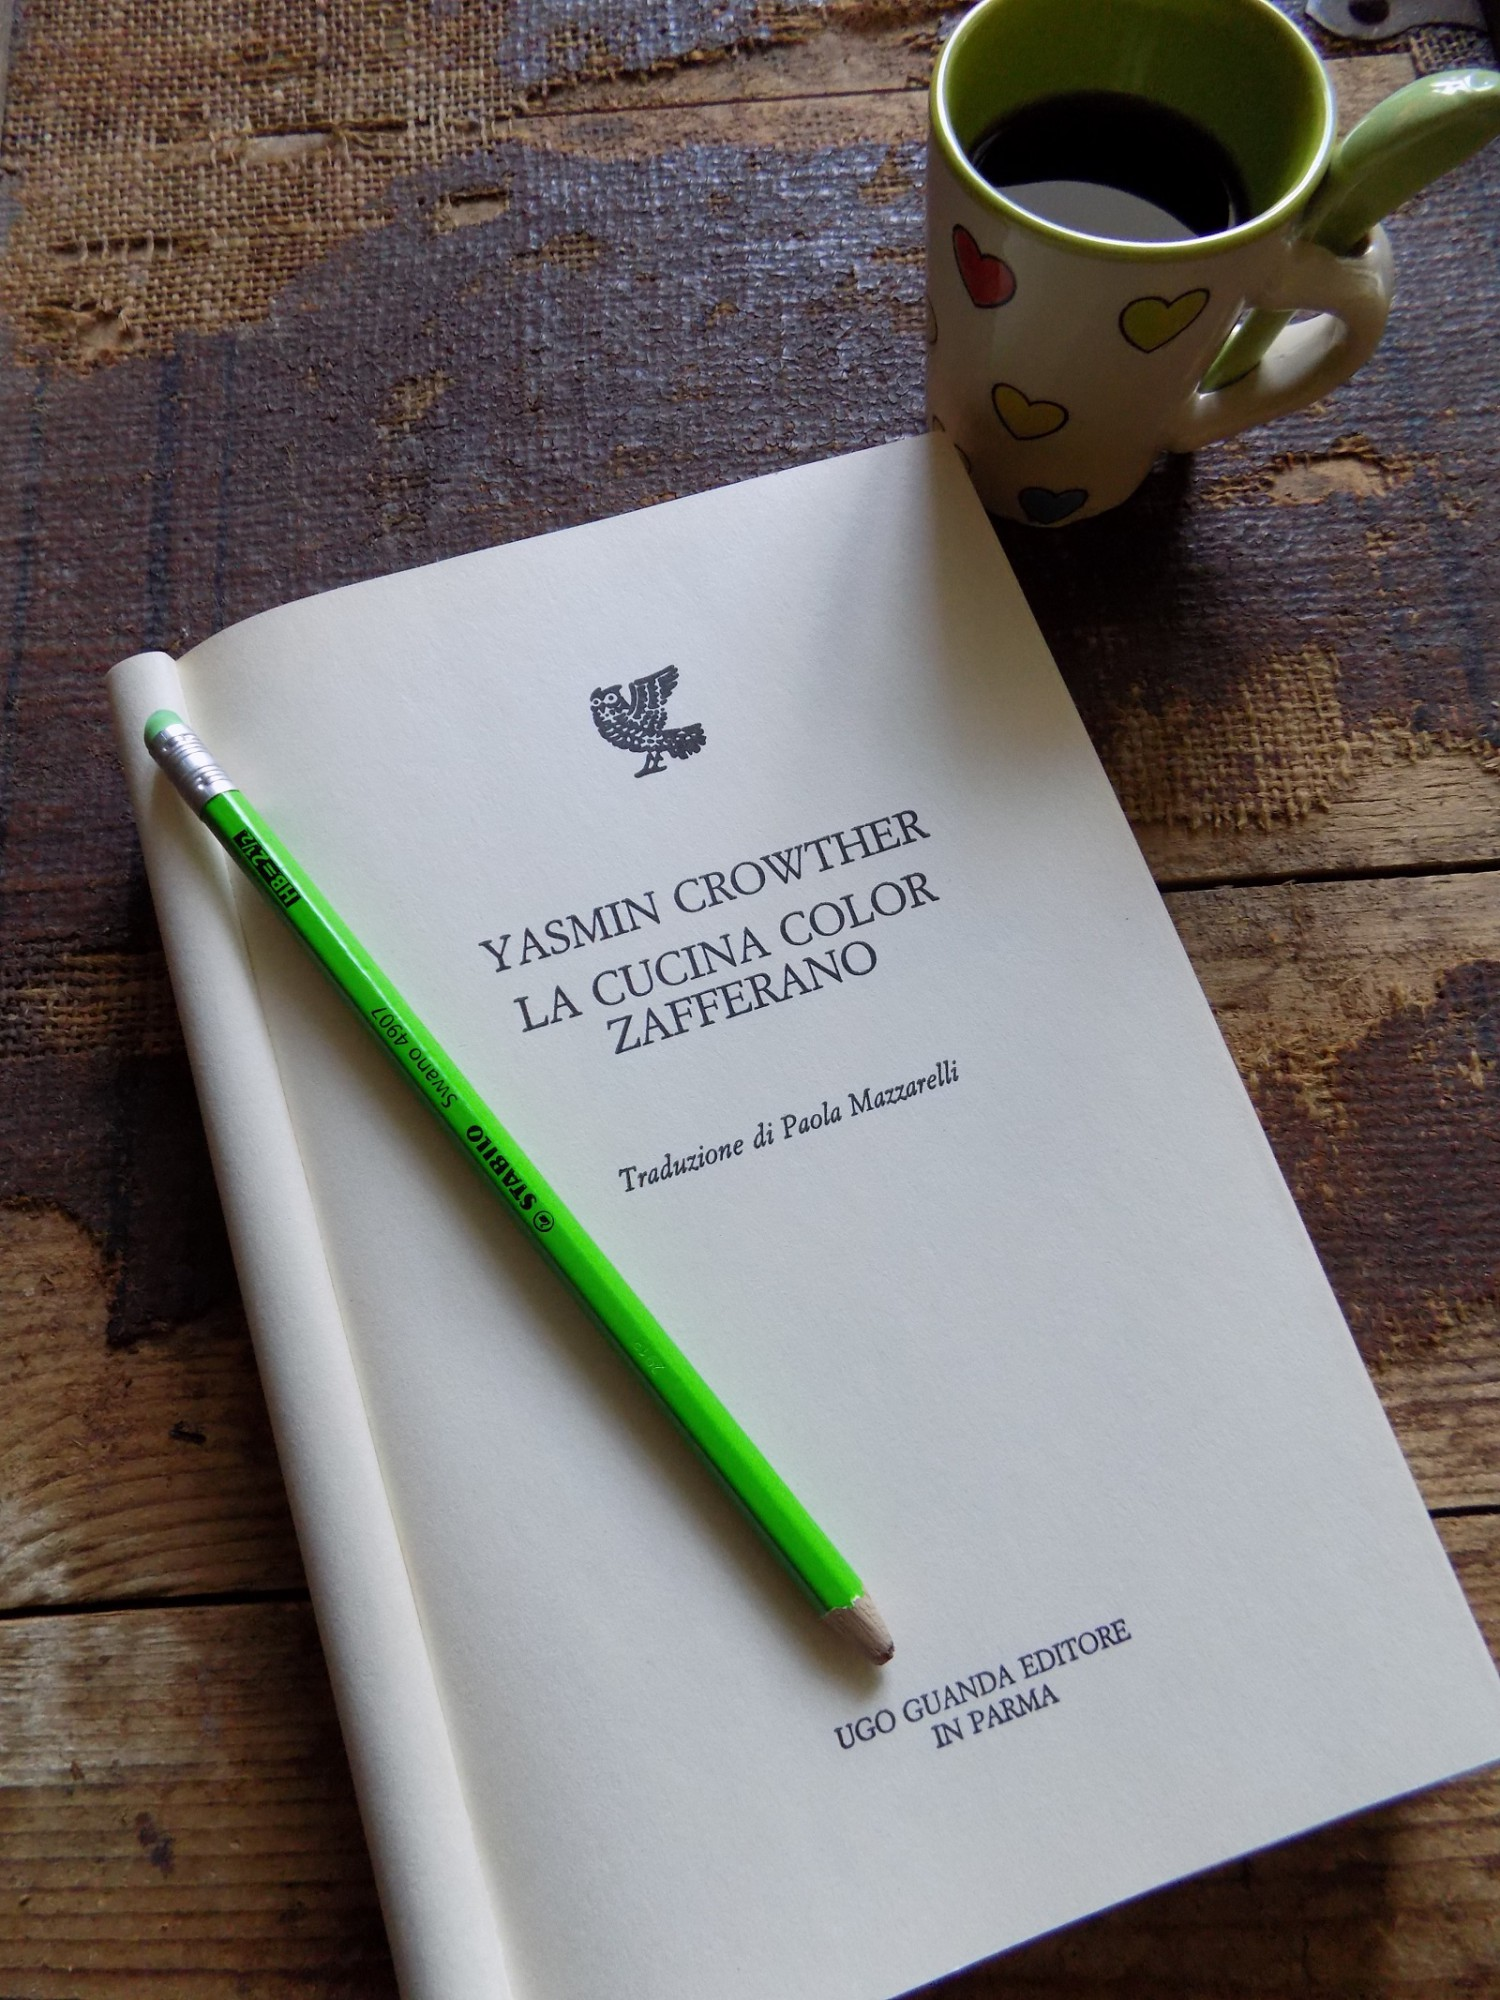 LA CUCINA COLOR ZAFFERANO3